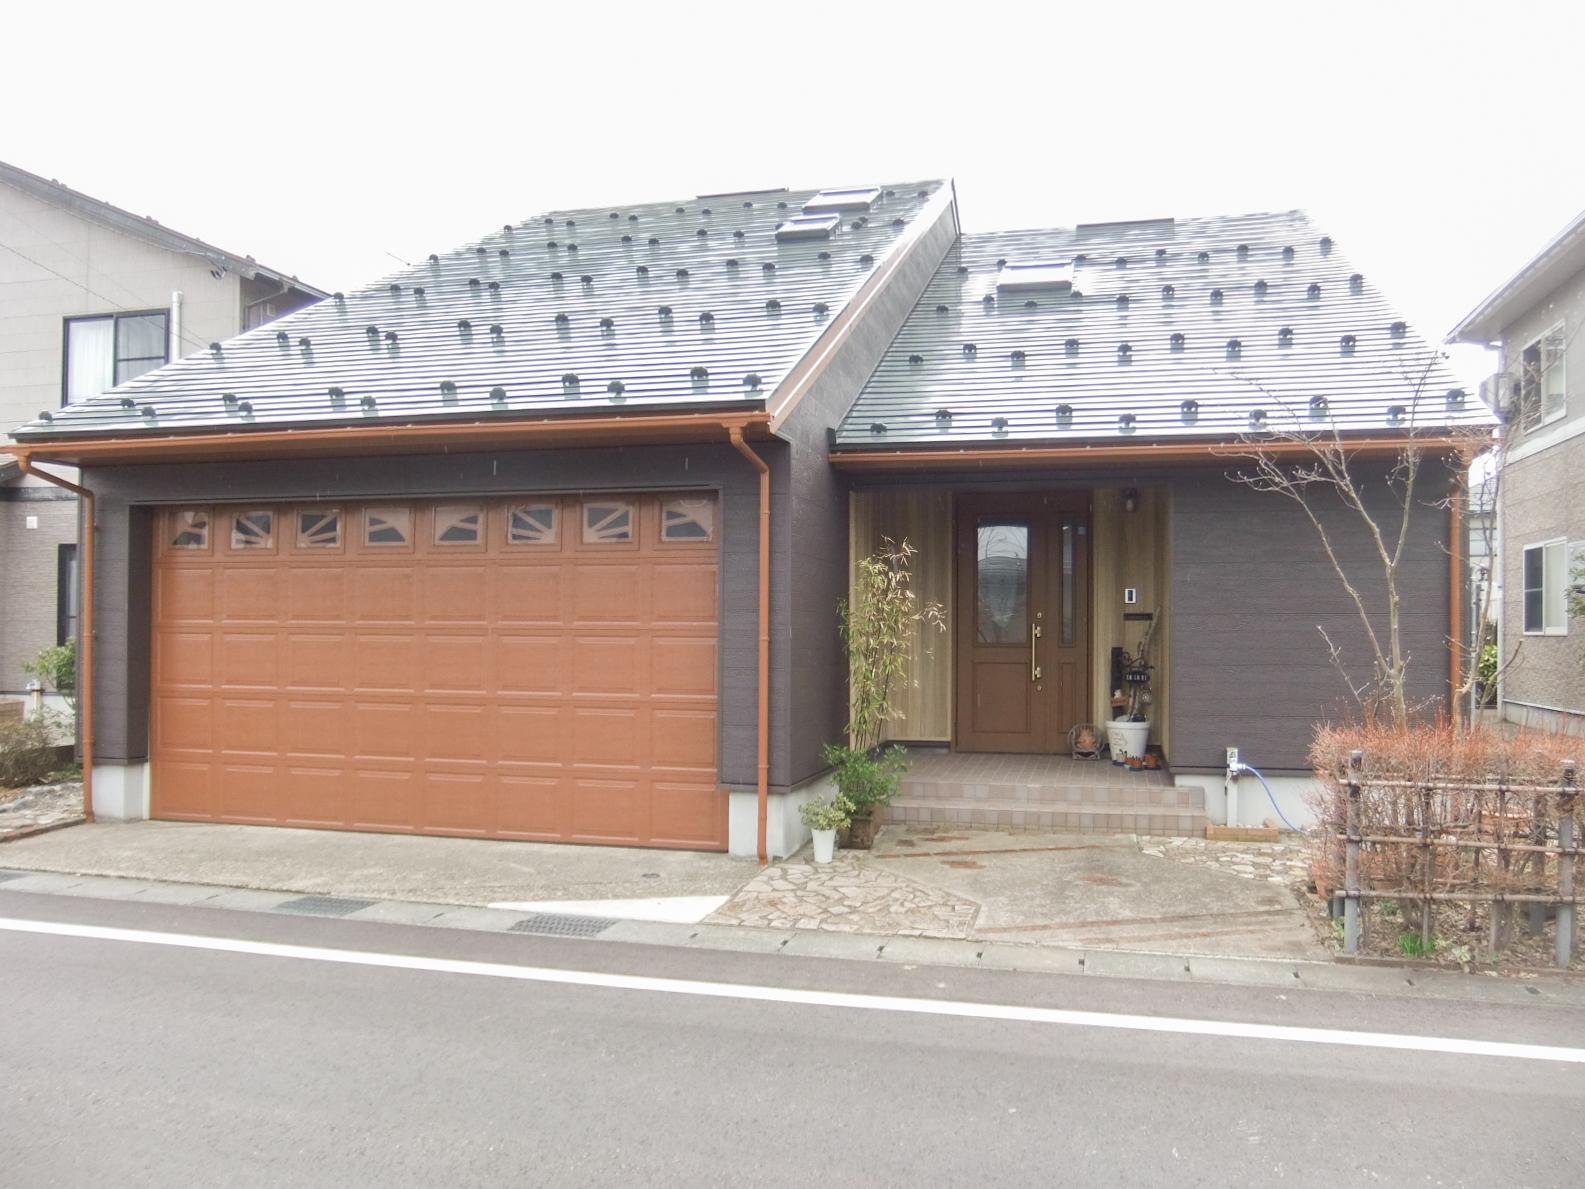 外壁:金属サイディング重ね張り・ガレージドアは塗装でキレイに生まれ変わりました。